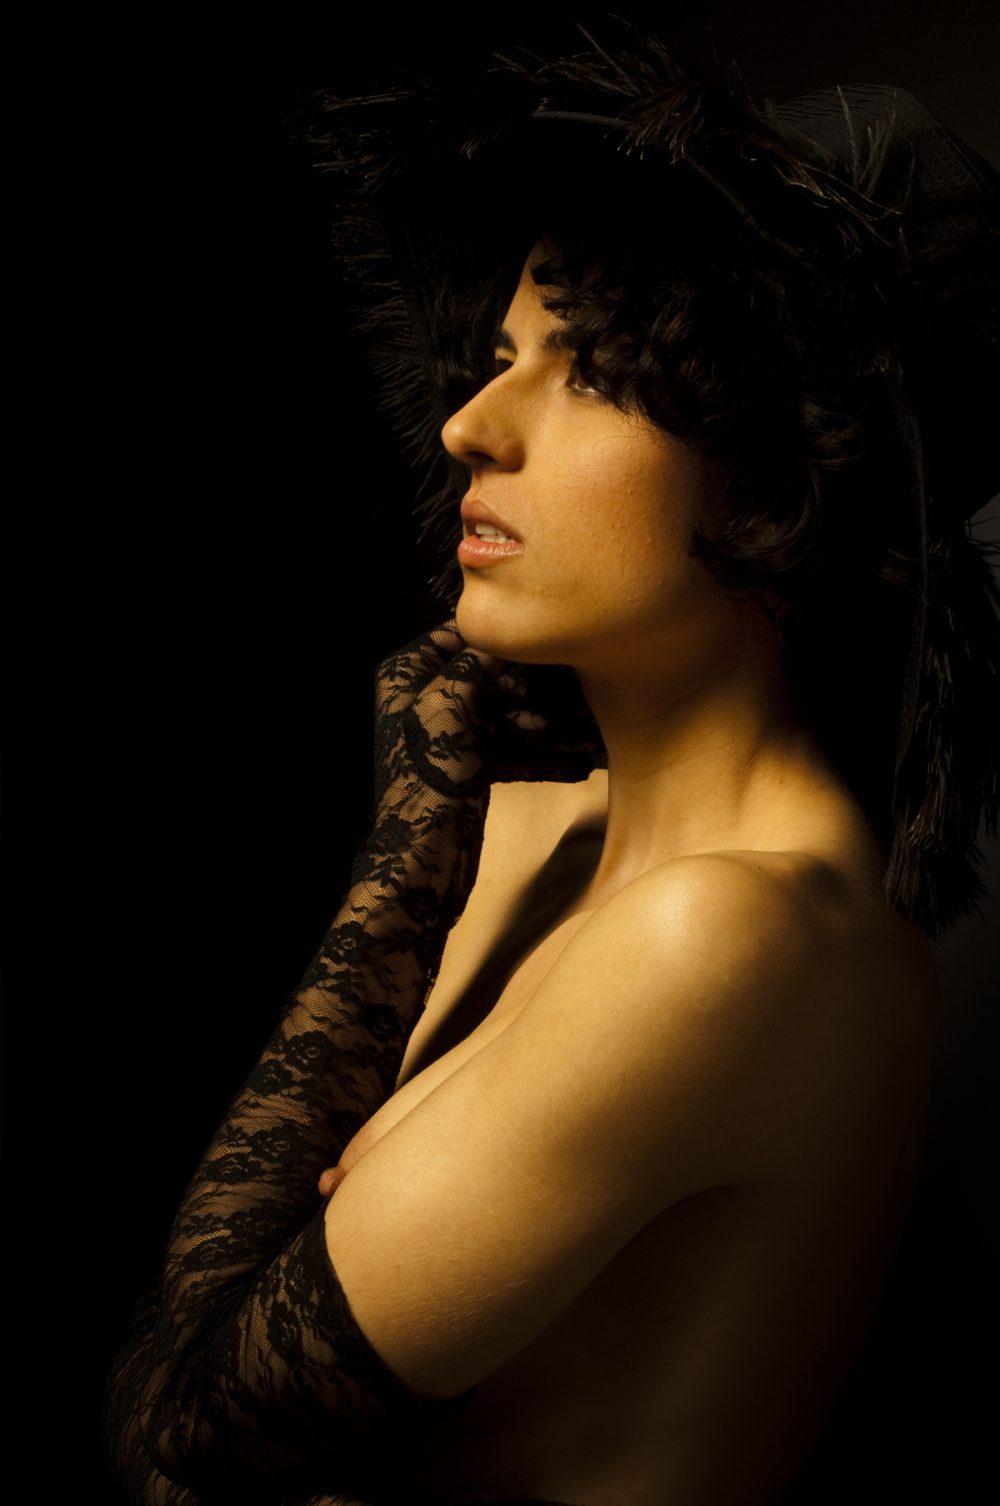 Fotografía de desnudos | Vanessa selfie